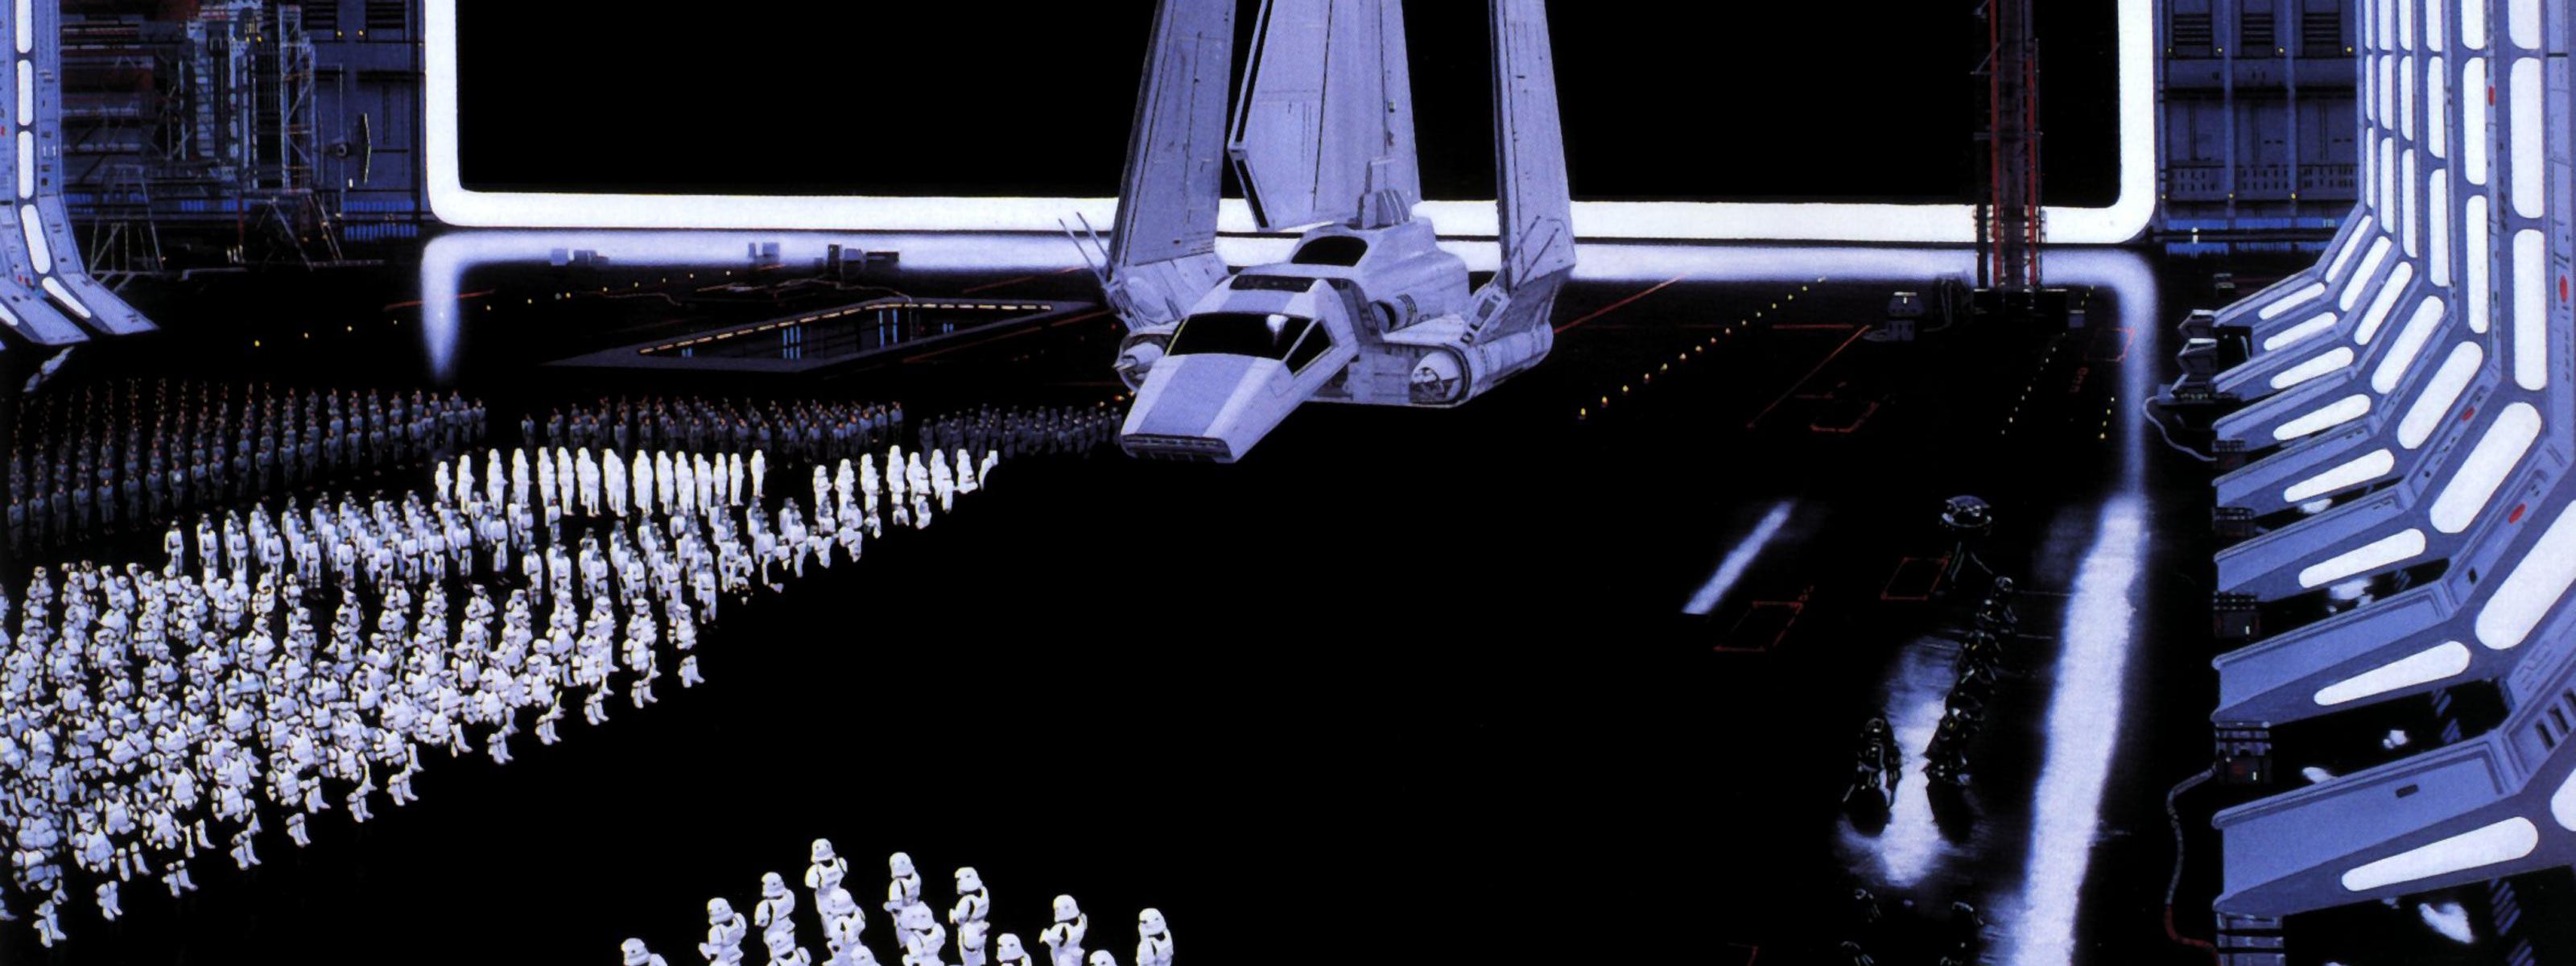 Star Wars Death Star Storm Trooper Imperials wallpaper 3200x1200 3200x1200